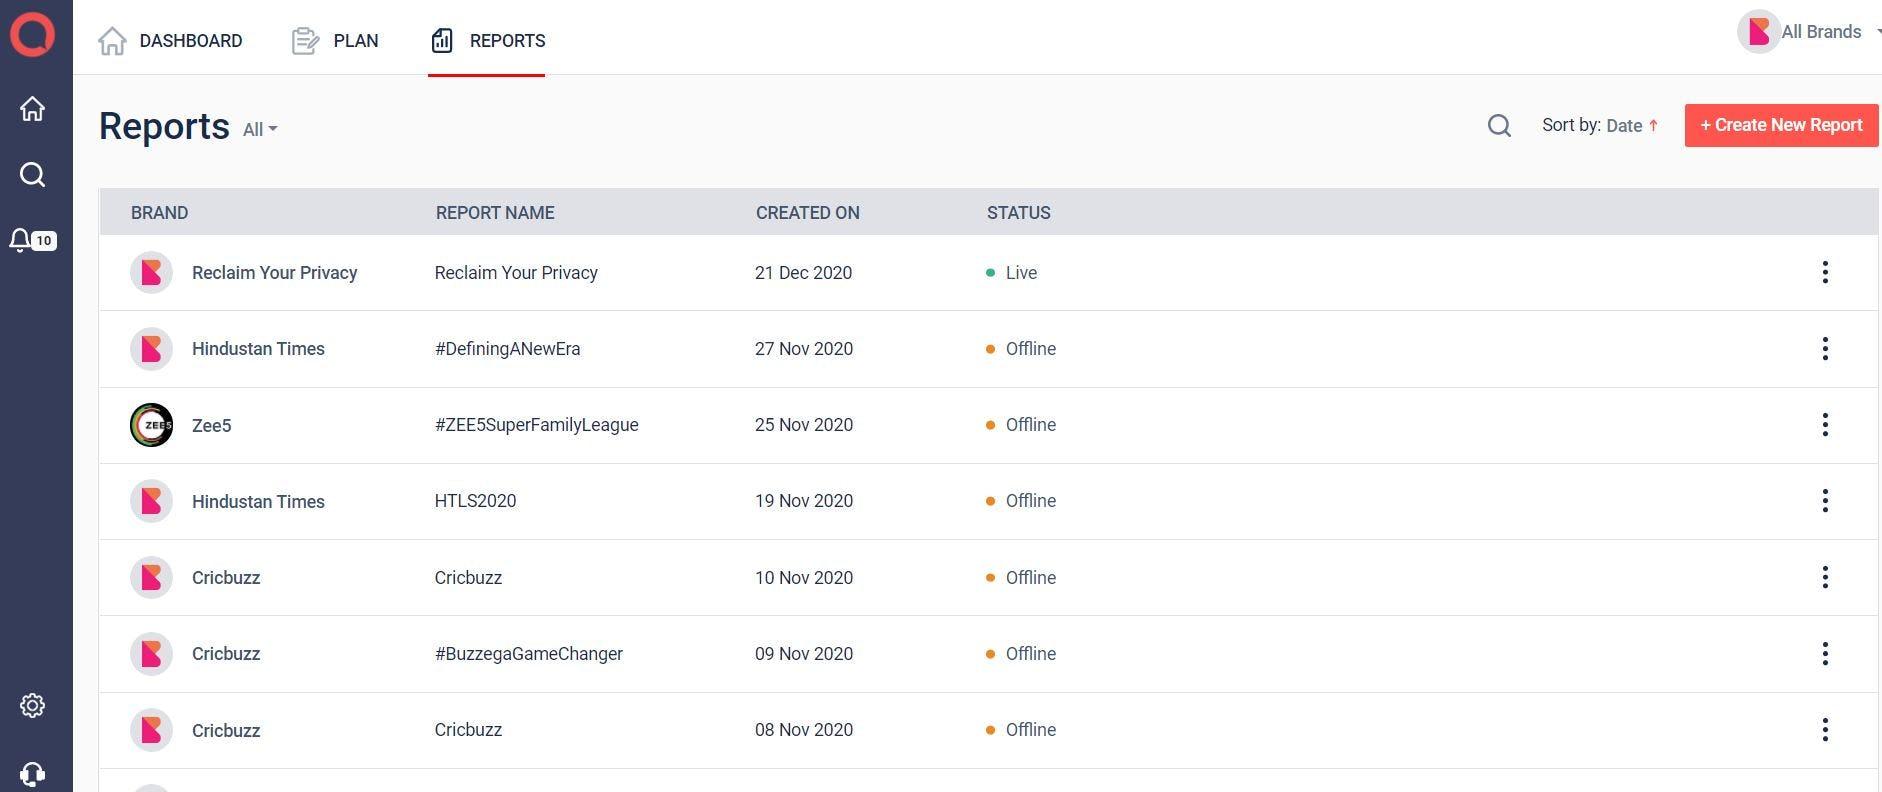 Qoruz Software - Qoruz reporting